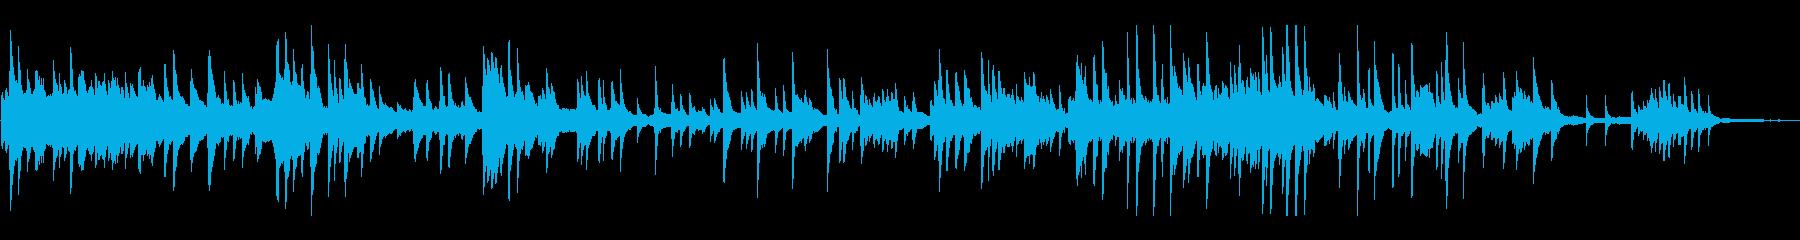 感動シーンに合うループピアノメロディーの再生済みの波形